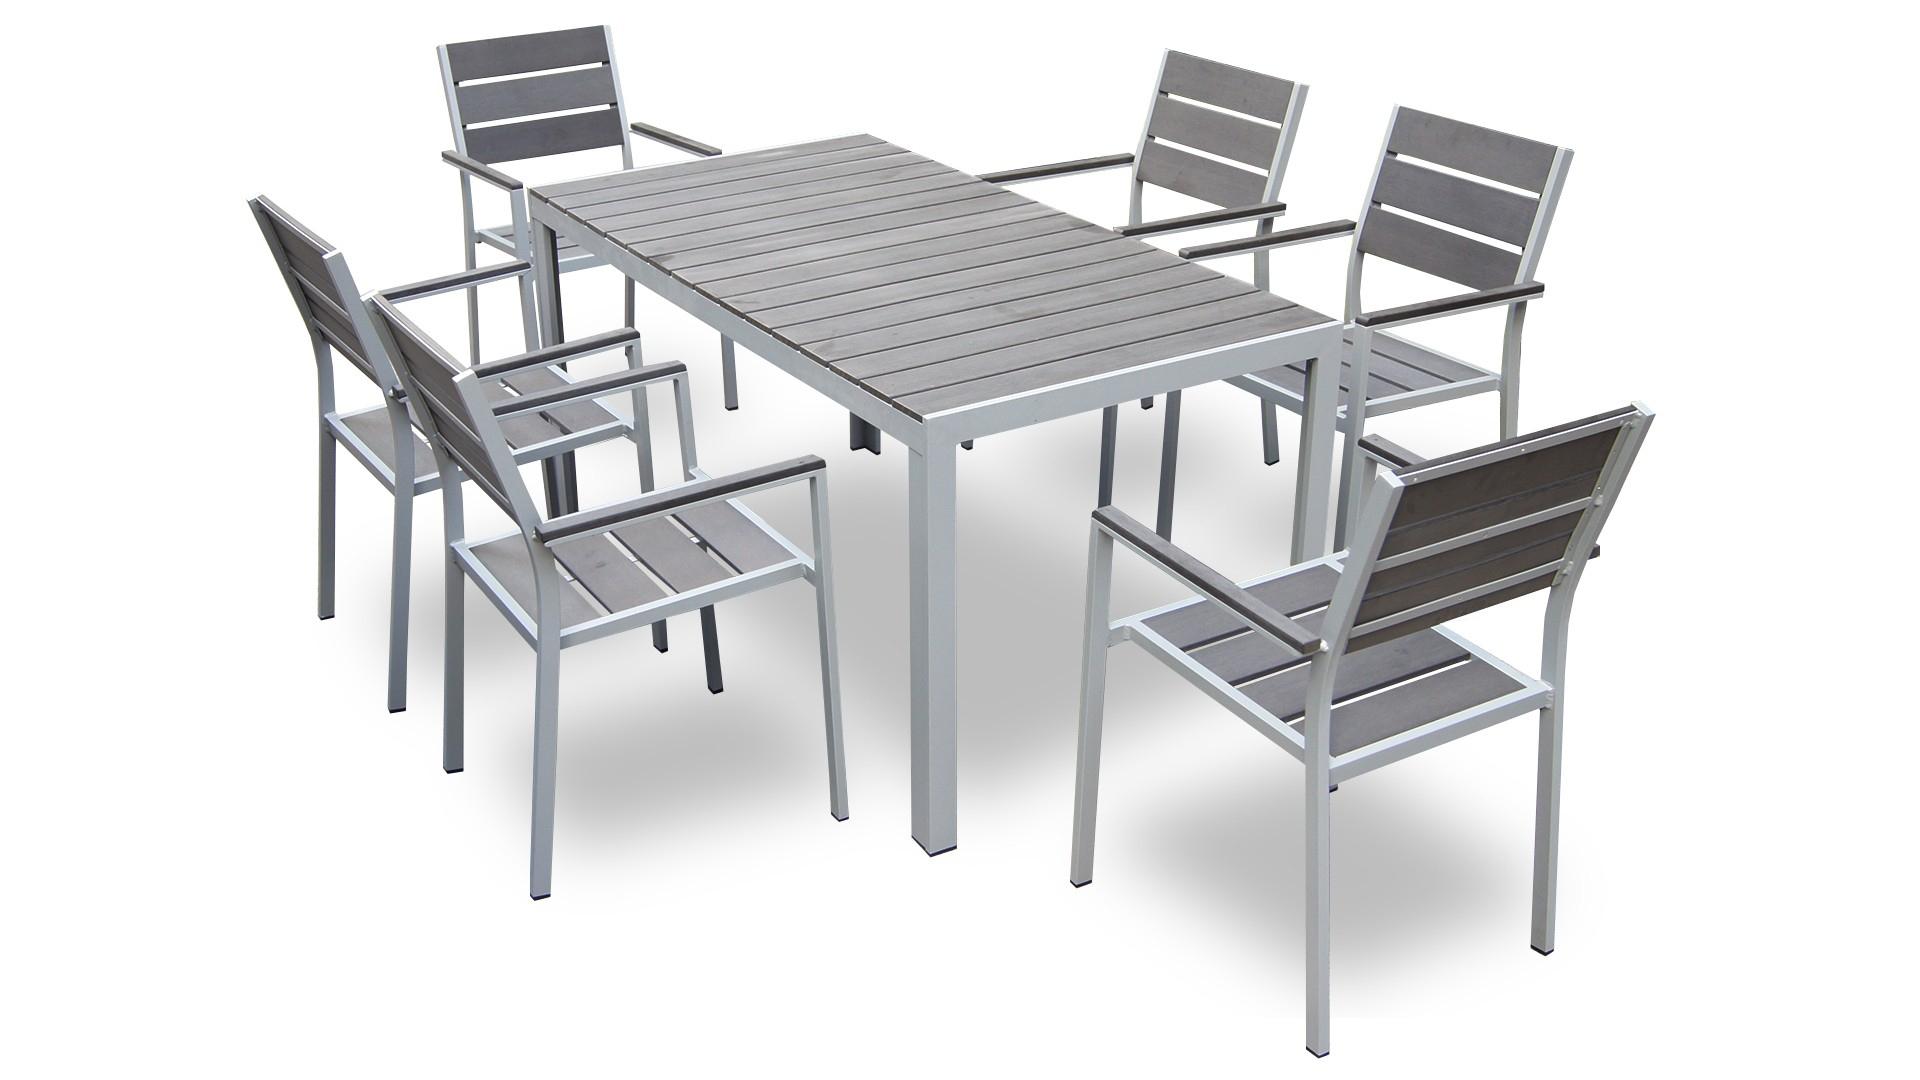 Table Chaise Jardin Pas Cher Chaise Jardin Promo Table Pour ... dedans Table De Jardin Promo